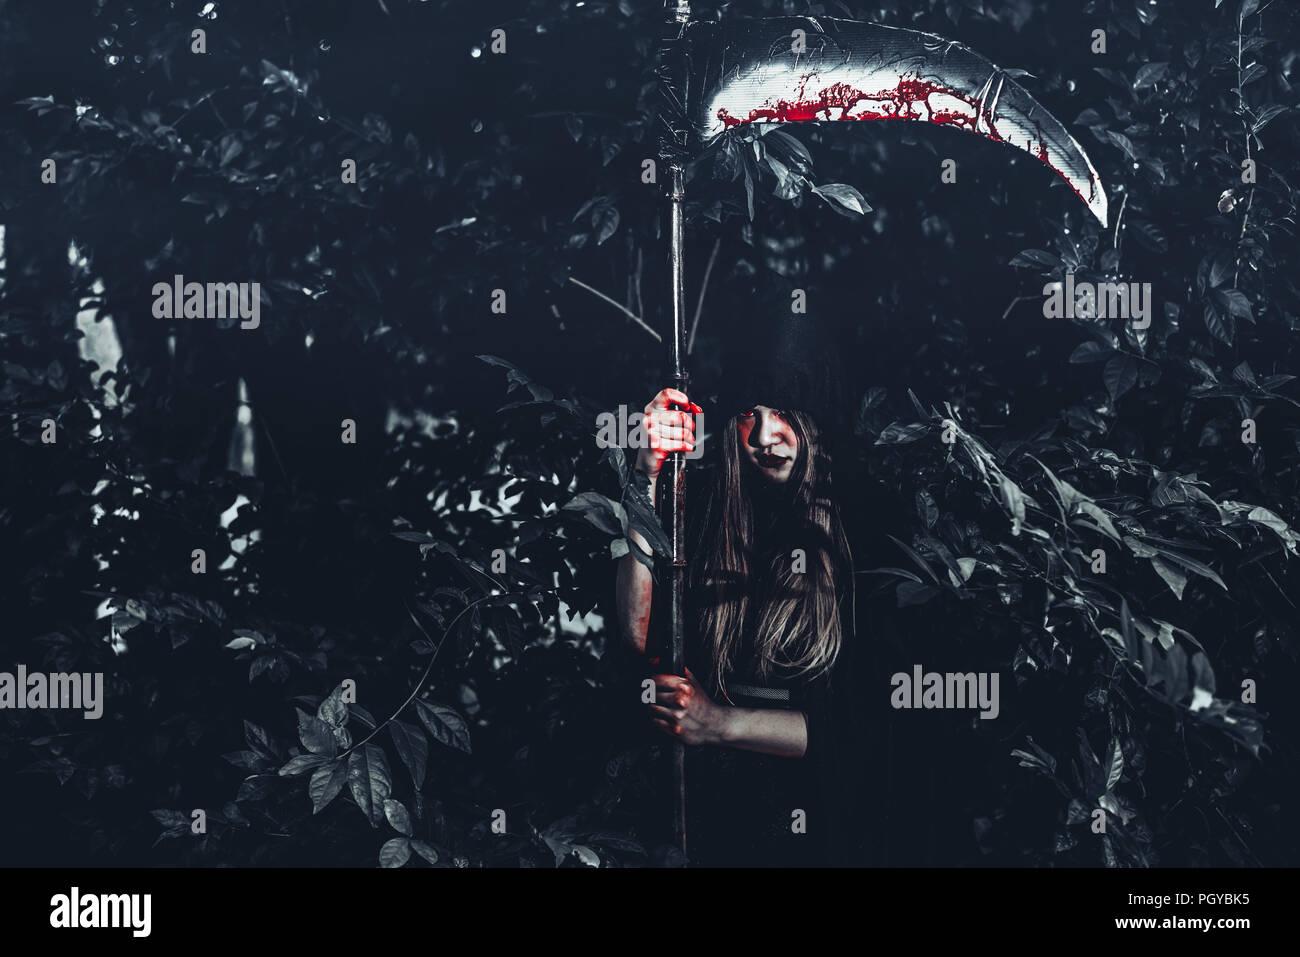 Démon femelle sorcière avec bloody reaper standing in front of mystery forest arrière-plan. Et l'Halloween concept religieux. Ange et Démon Satan thème. Photo Stock